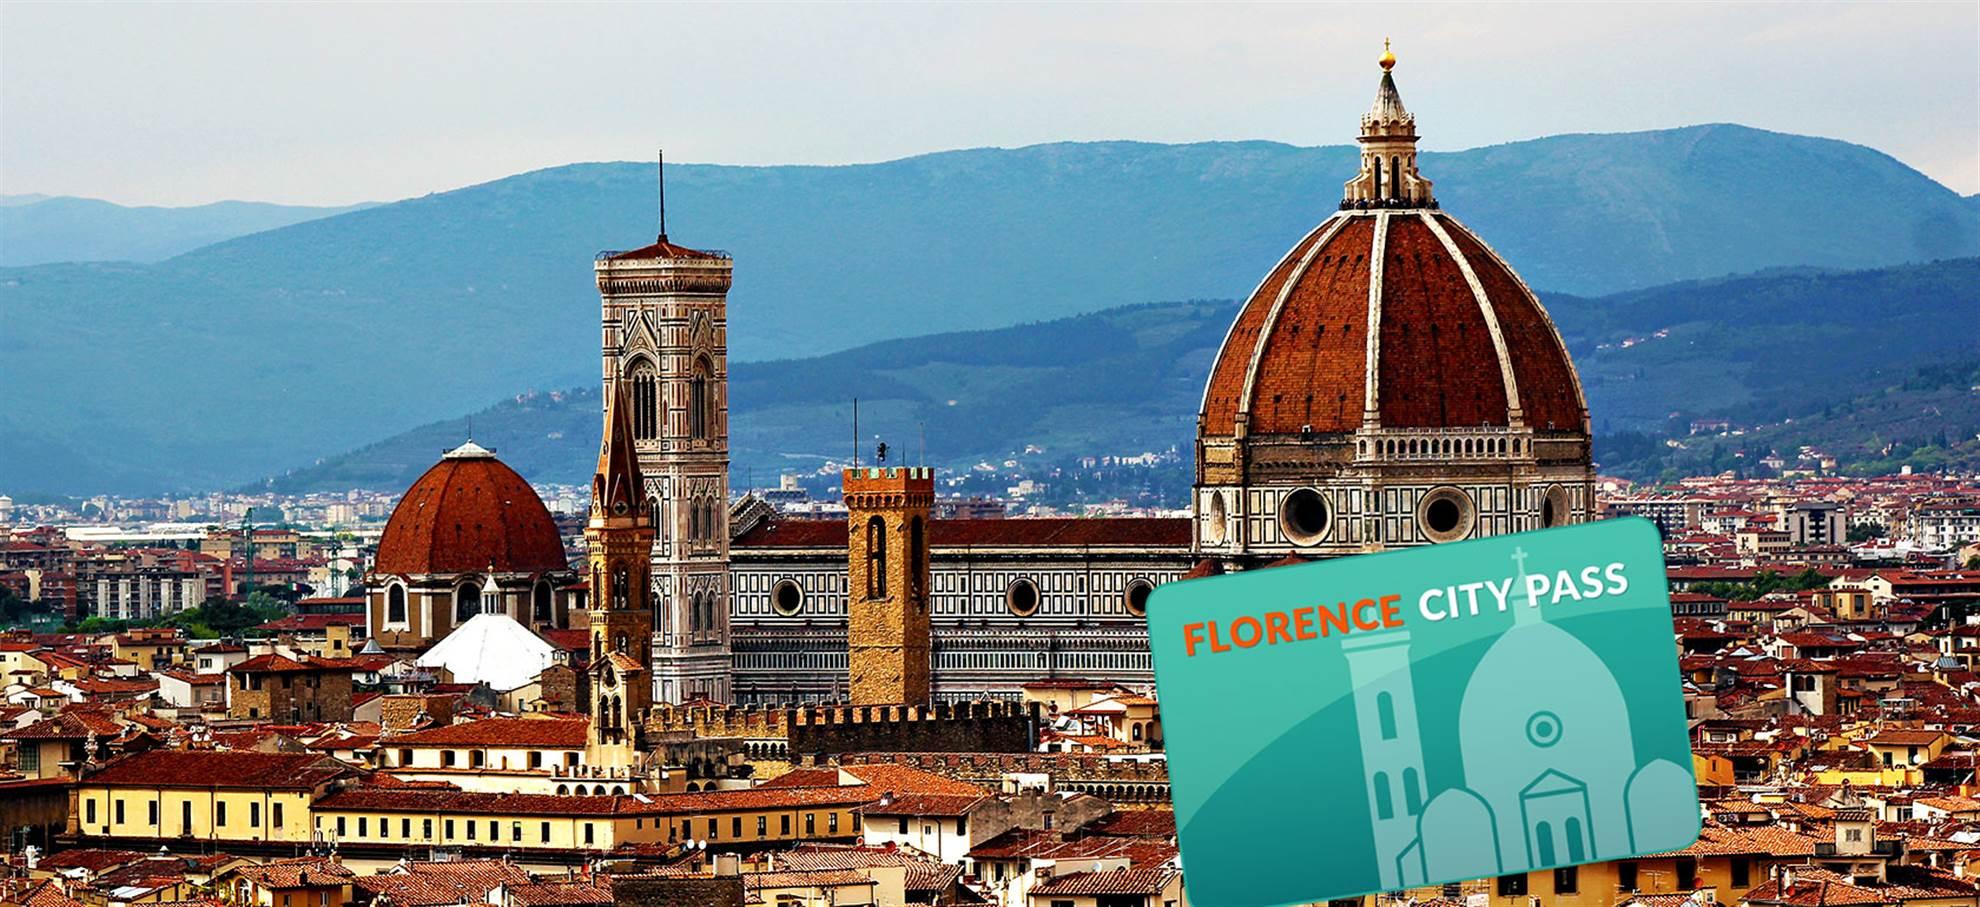 Florence City Pass (Incl. Uffizi, Airport Transfer)